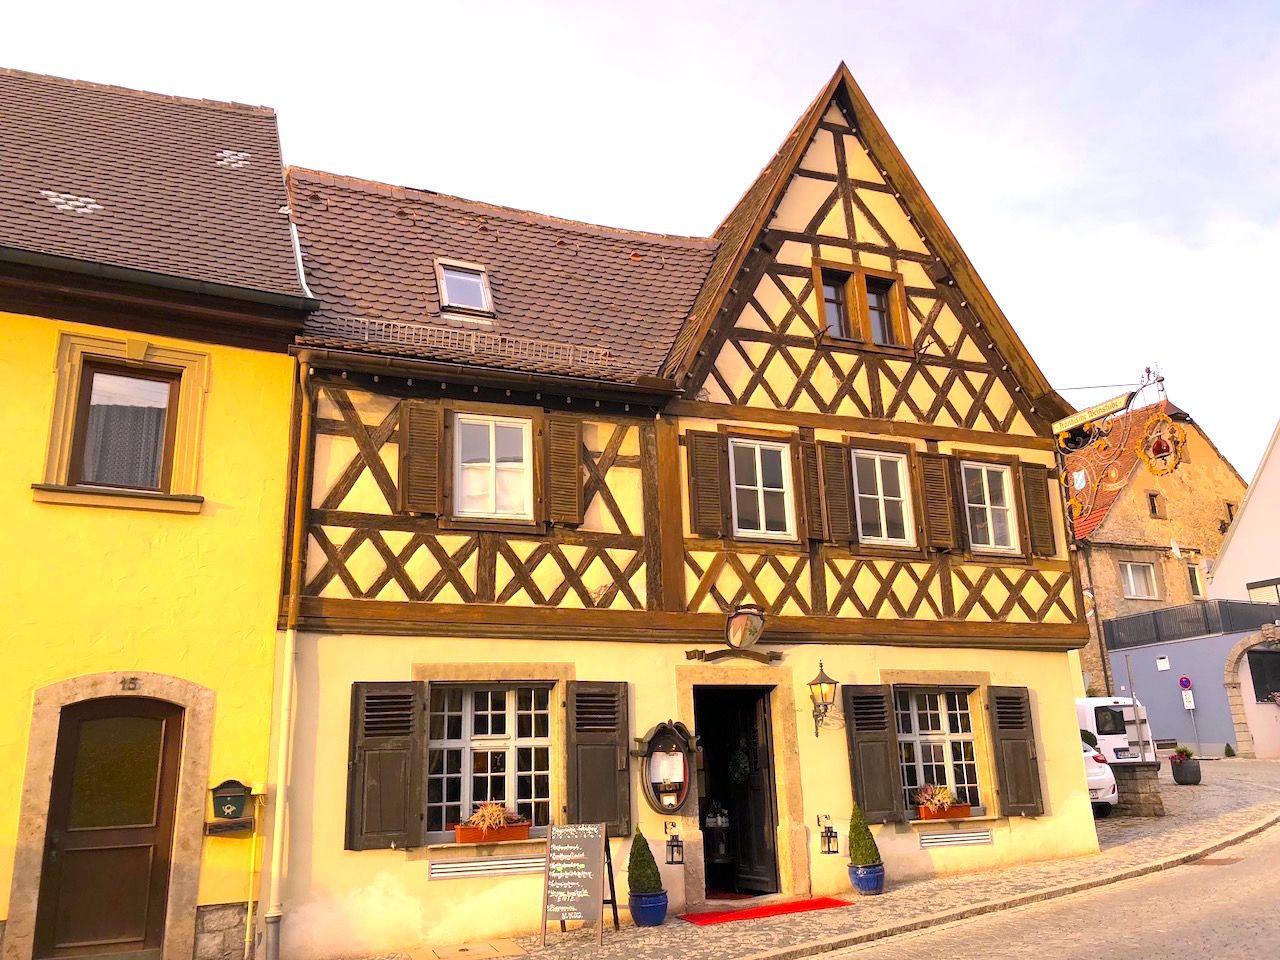 まるで童話の世界!フィリッケンハウゼンでドイツの郷土料理を堪能